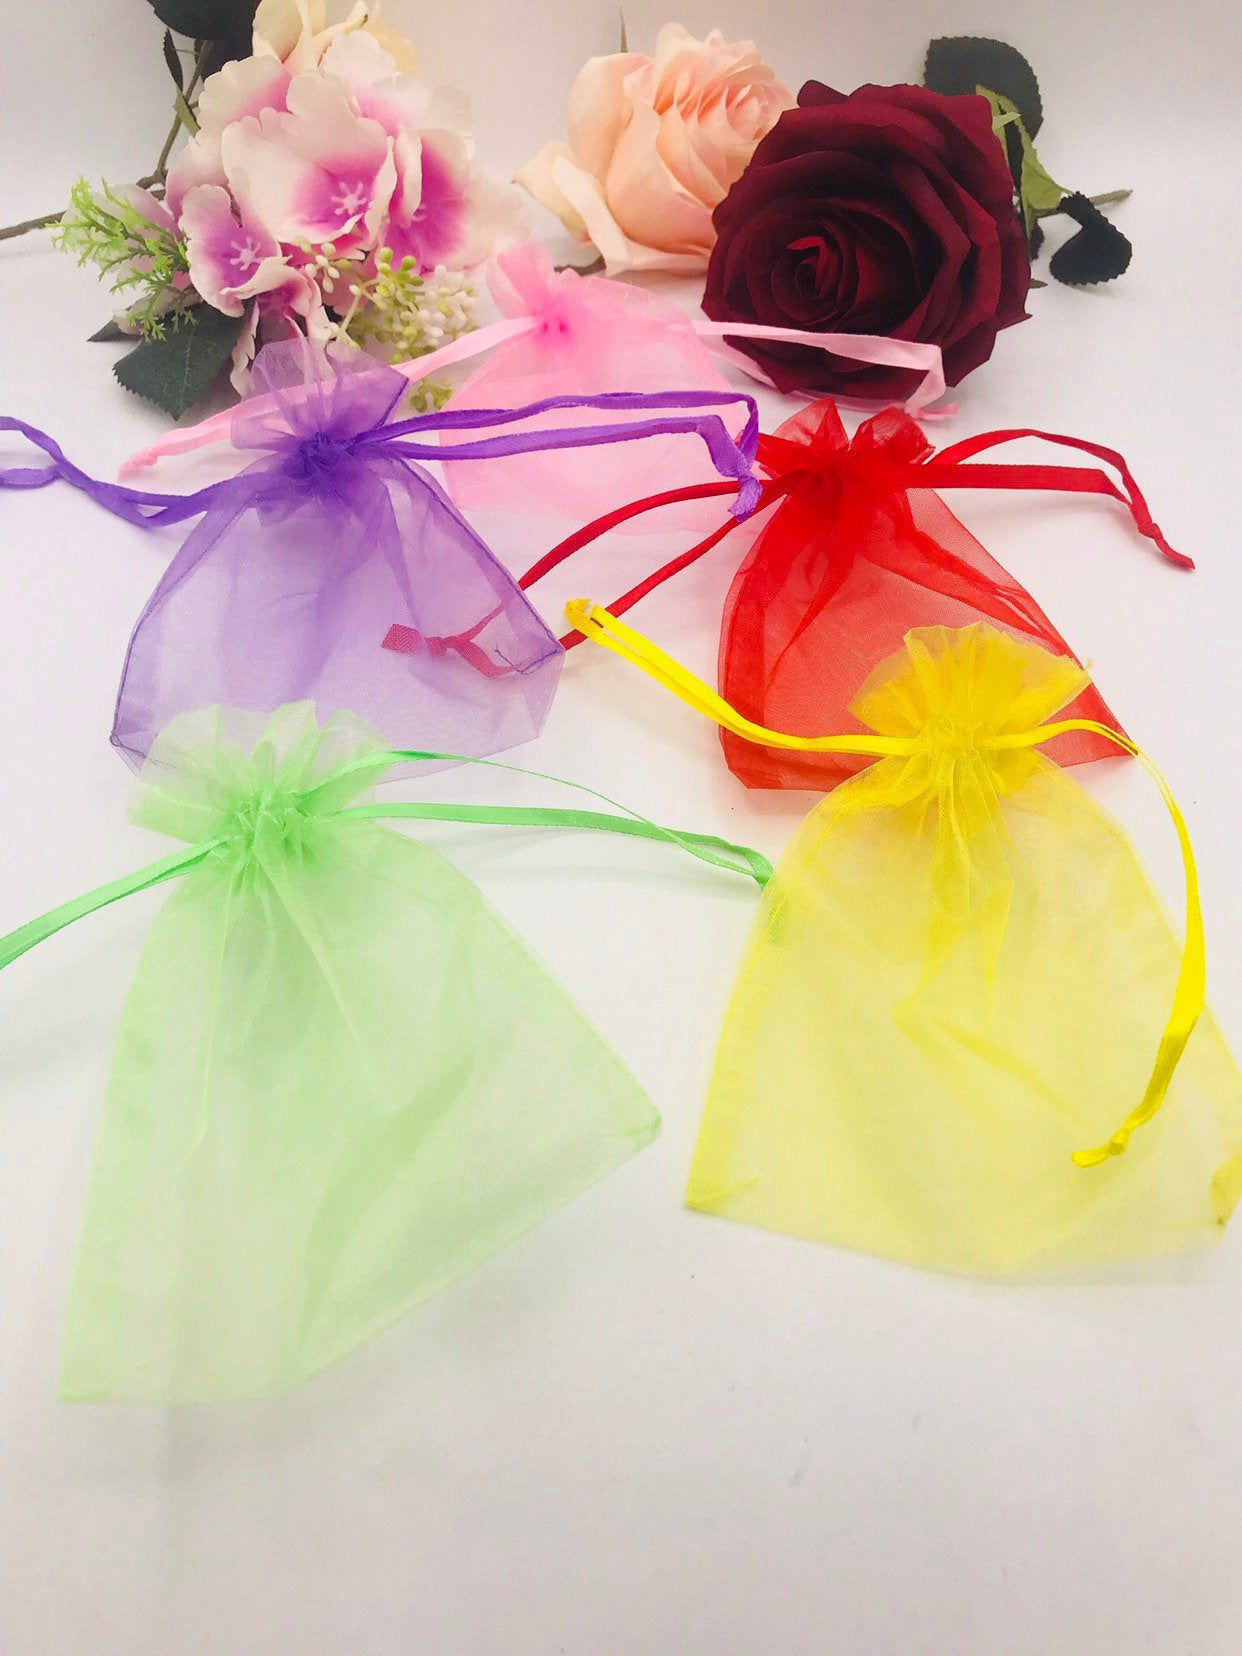 144pcs 4x5Organza bags Quinceanera/Sweet sixteen favors/wedding favors drawstring bolsas de Organza jewelry bags